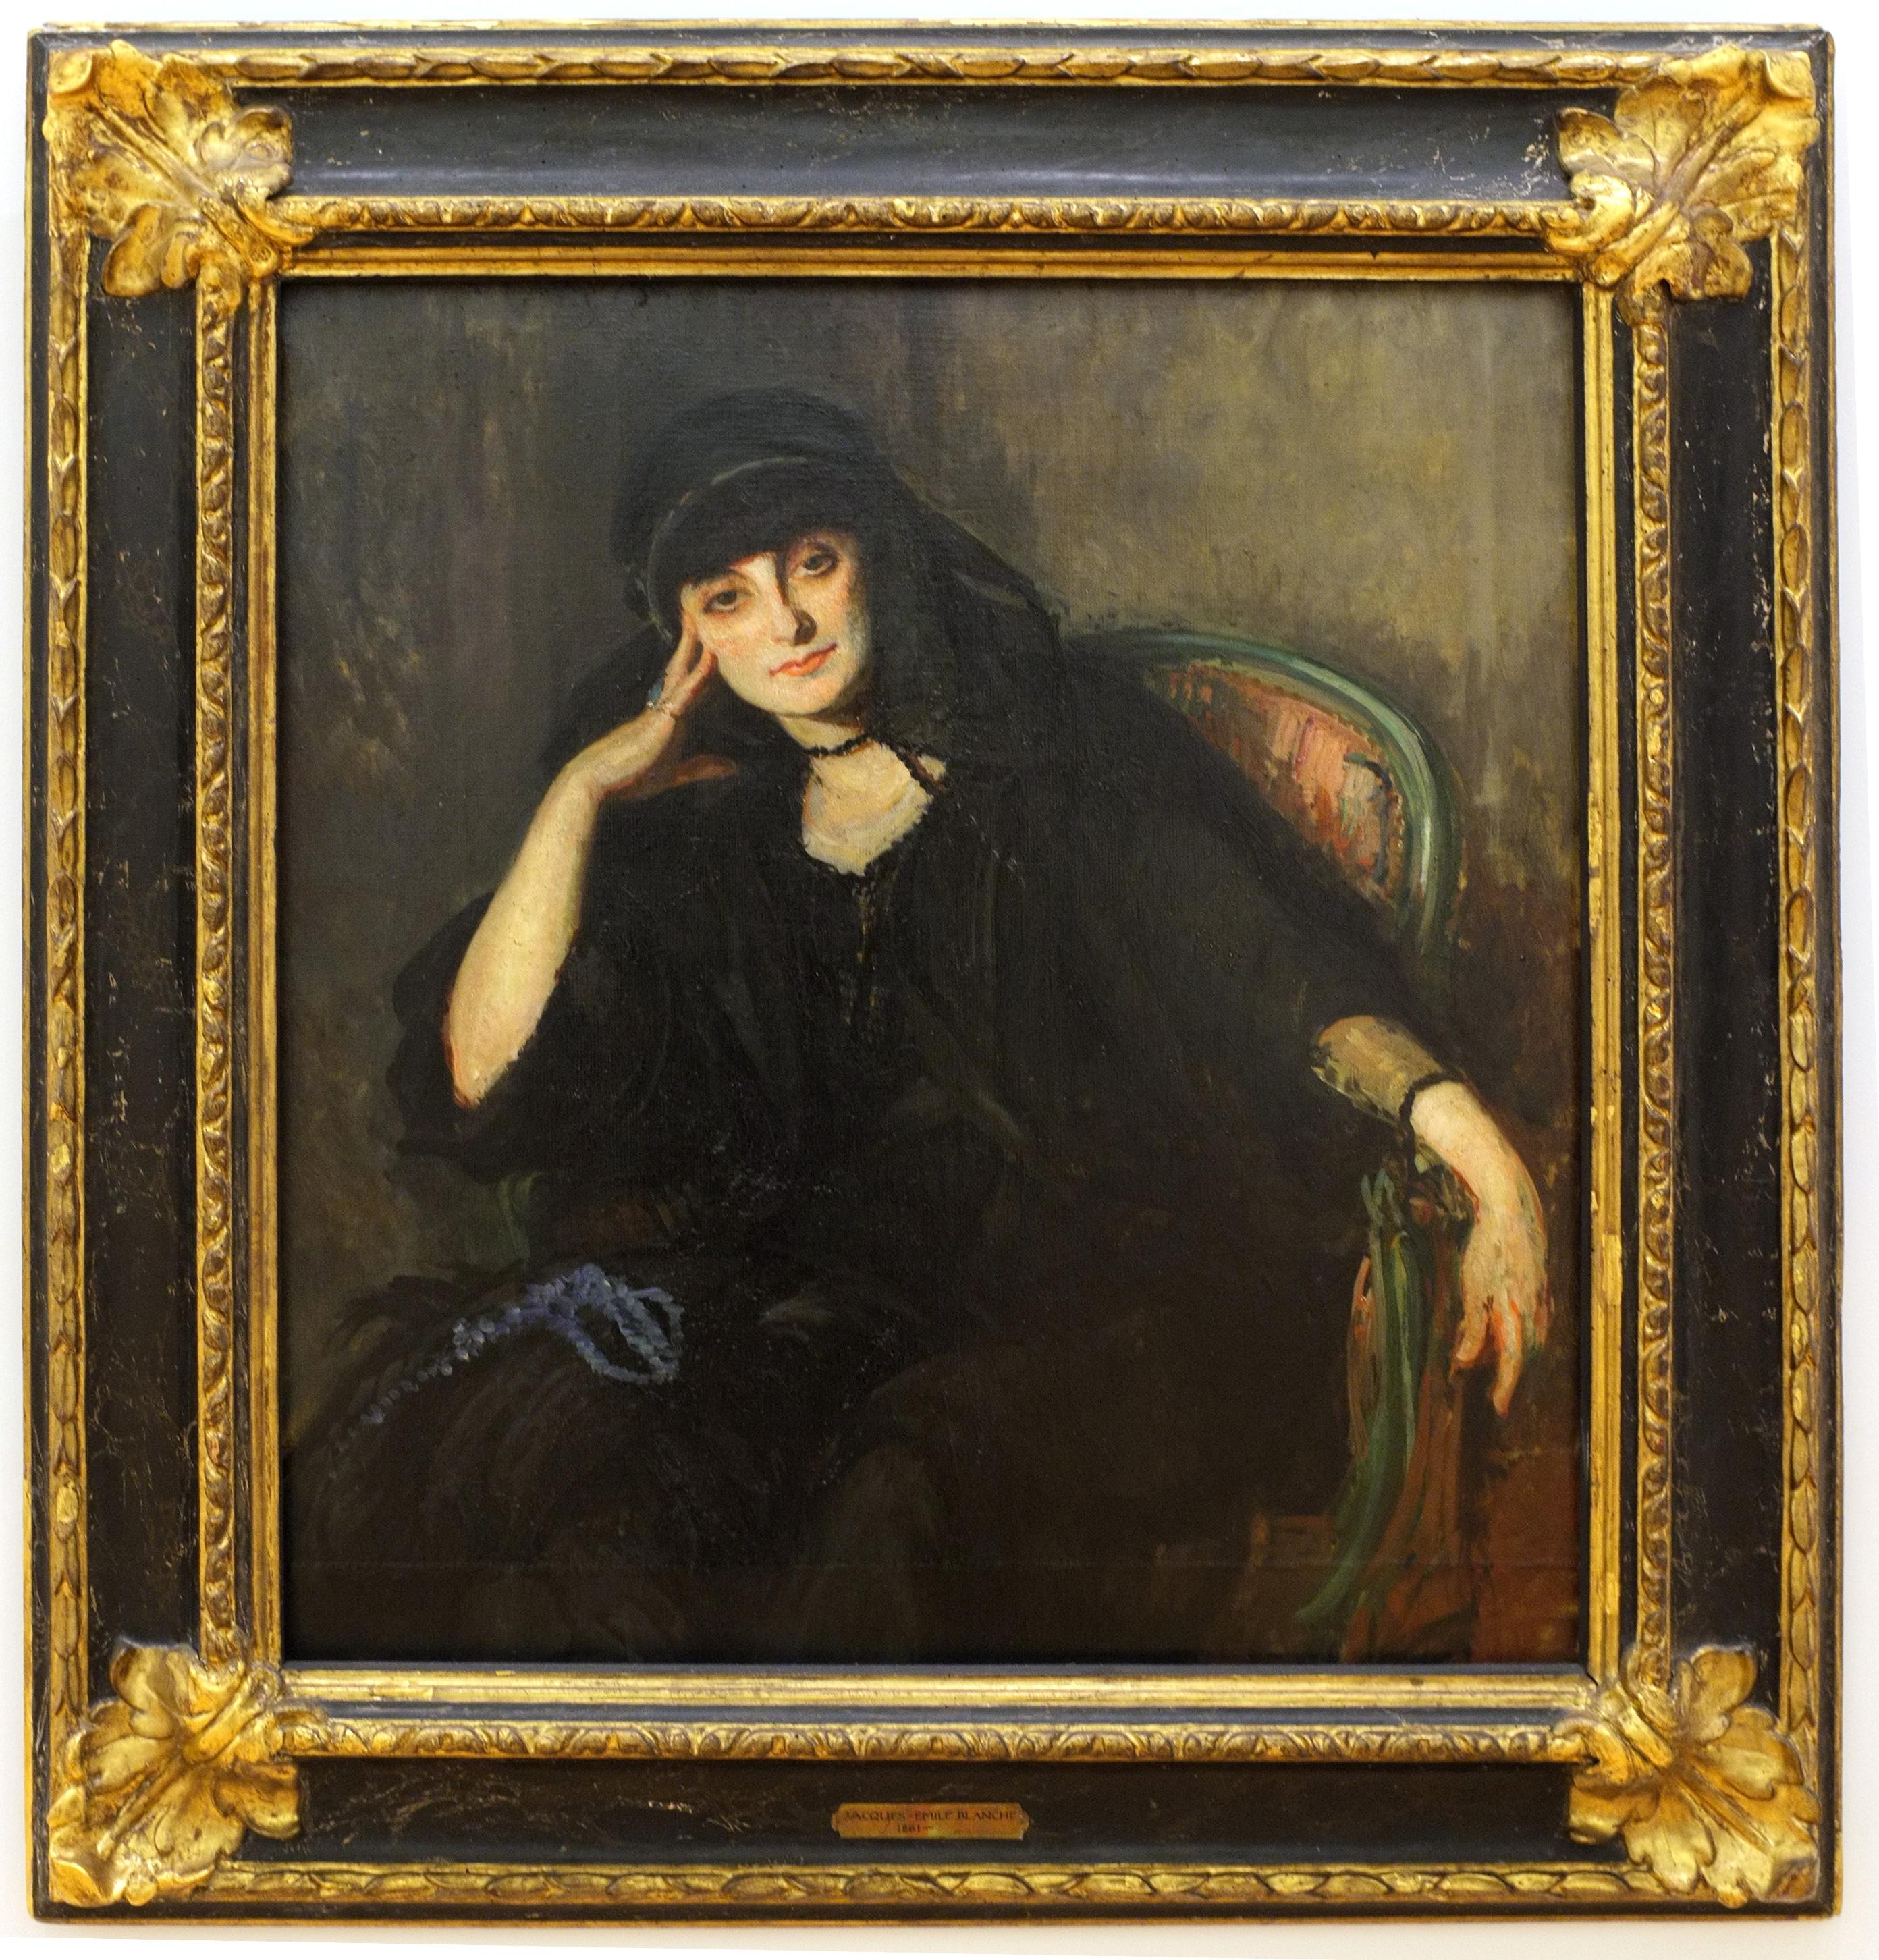 Jacques Emile Blanche Portrait of Anna de Noailles, 1919, oil on canvas, Musee d art moderne et contemporain de Strasbourg, France